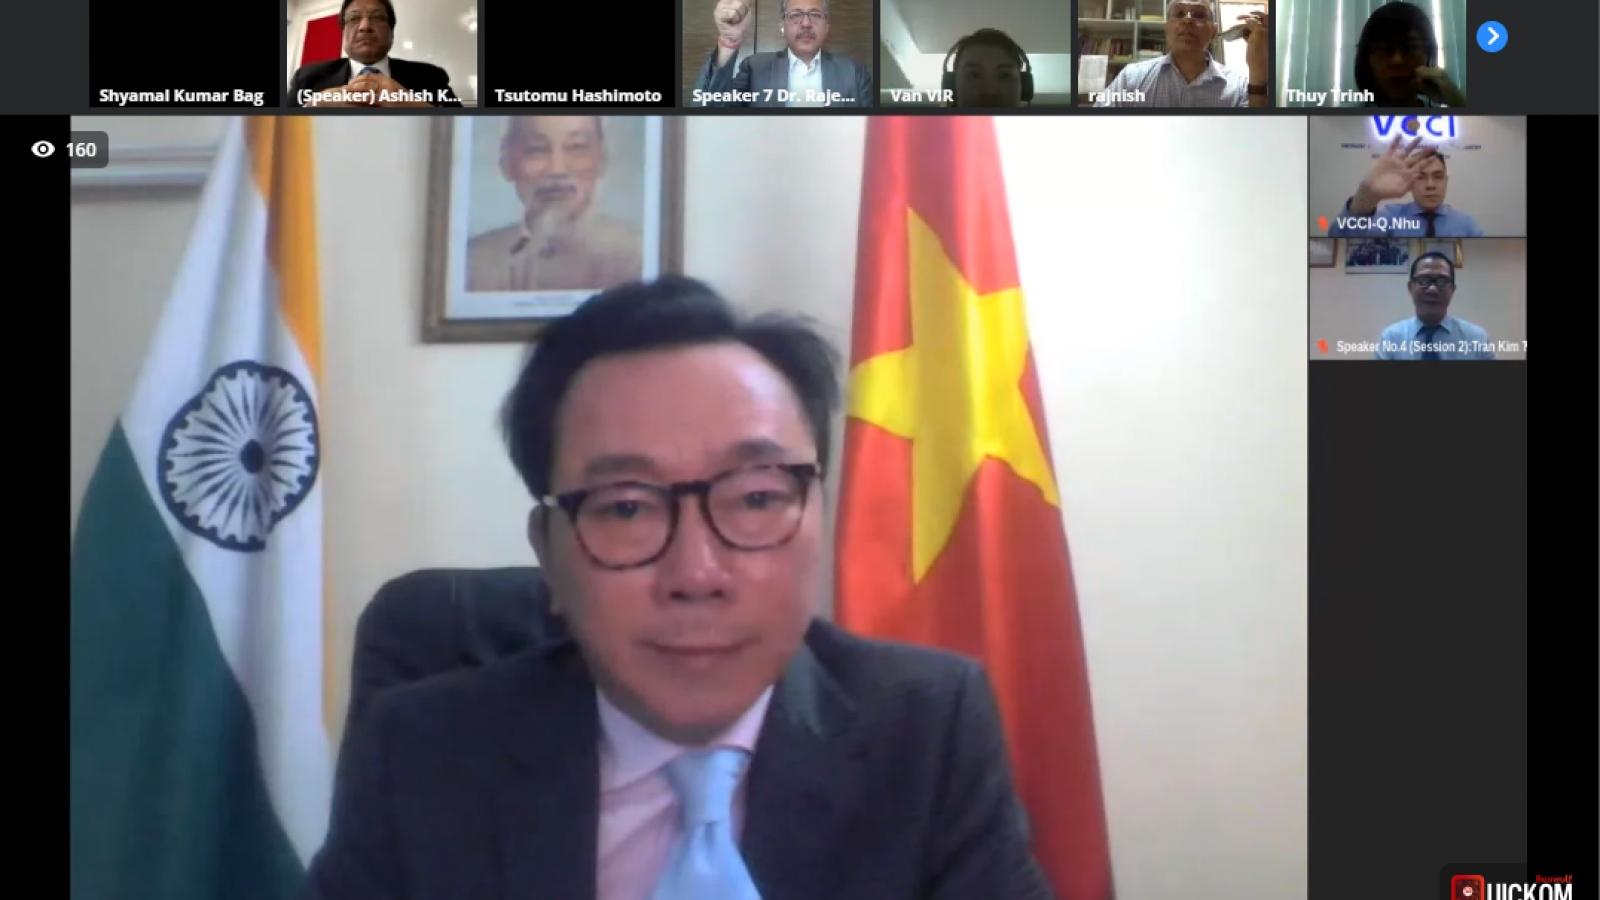 Dệt may và dược phẩm là lĩnh vực hợp tác tiềm năng giữa Ấn Độ và Việt Nam